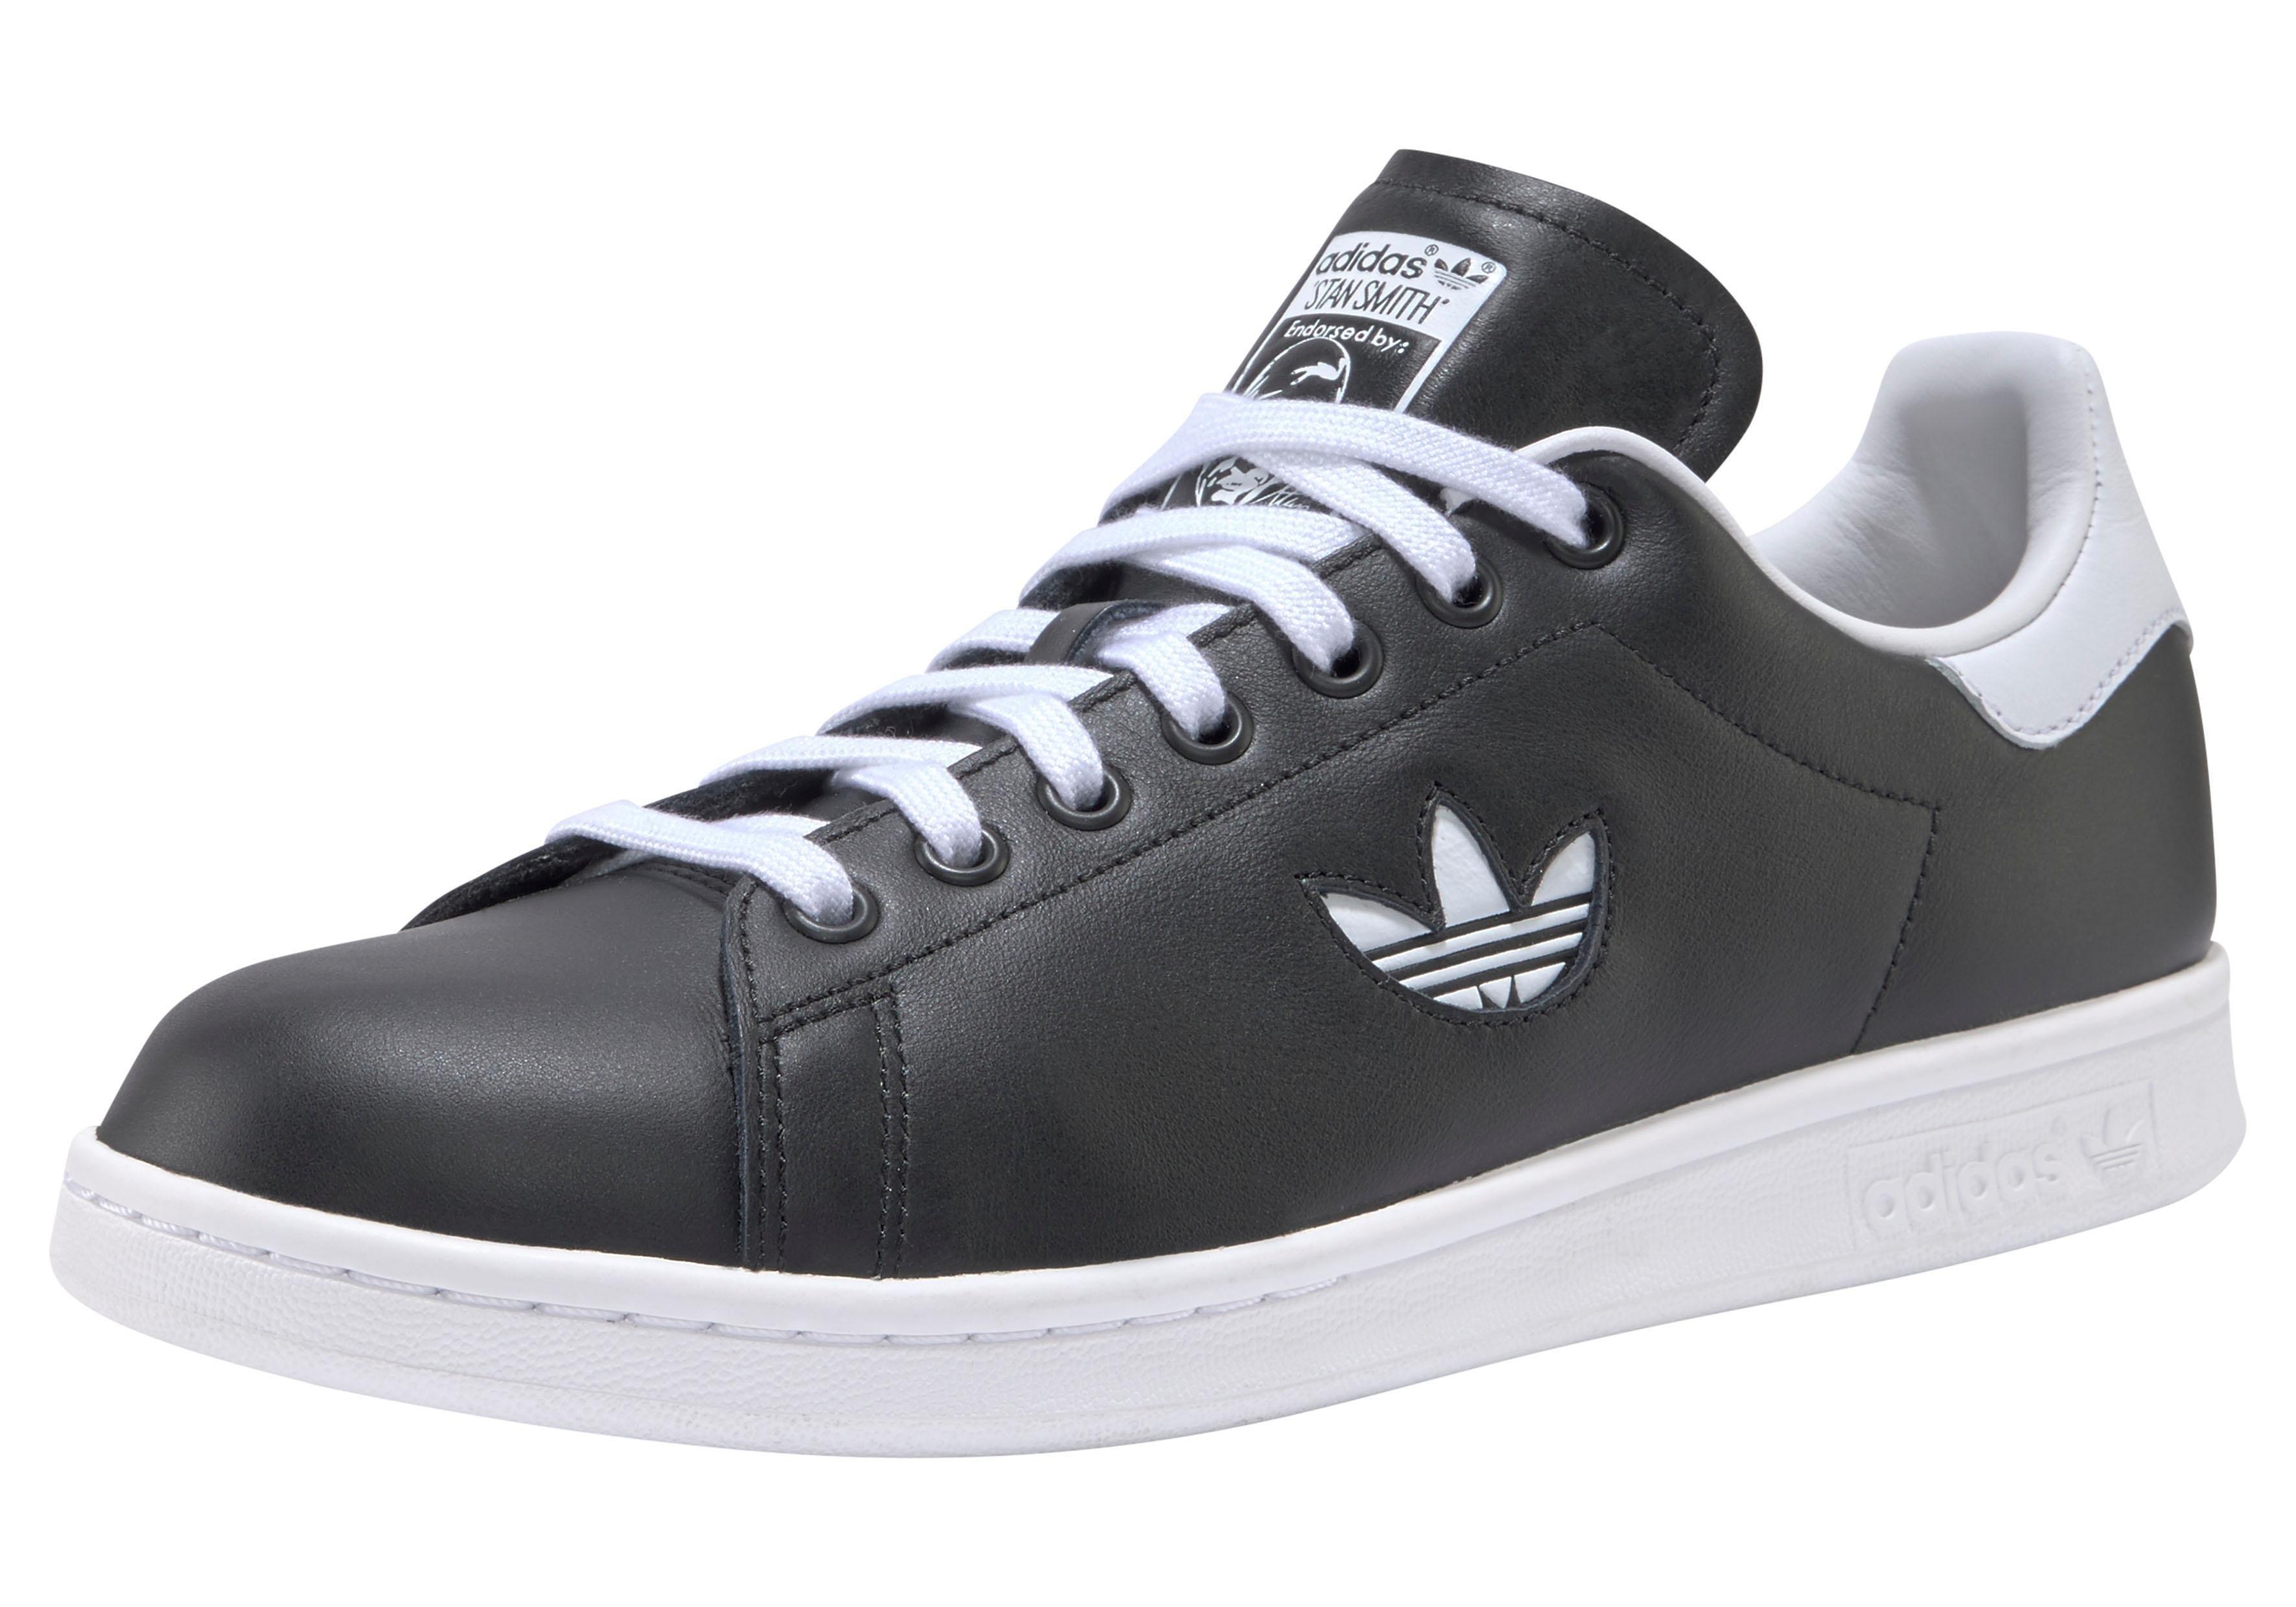 048da4a83451eb ... adidas Originals sneakers »Adidas Stan Smith«, adidas Originals  babyschoentjes »Stan Smith Crib«, adidas Originals sneakers »Stan Smith«,  ...